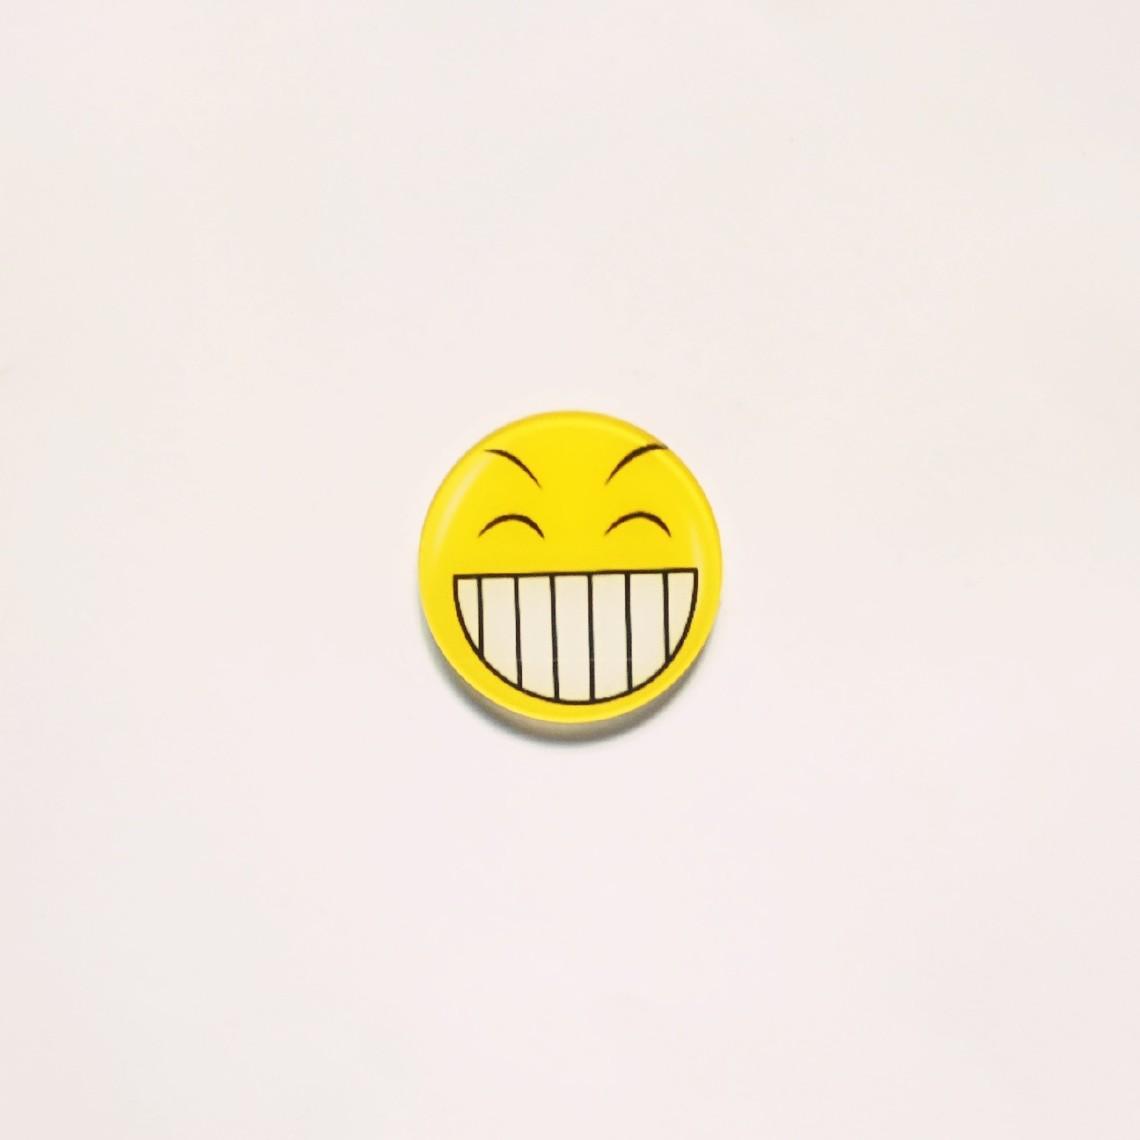 徽章可爱呆萌表情熊猫亚克力表情手机胸针贴求v徽章圆脸包搞笑图片图片